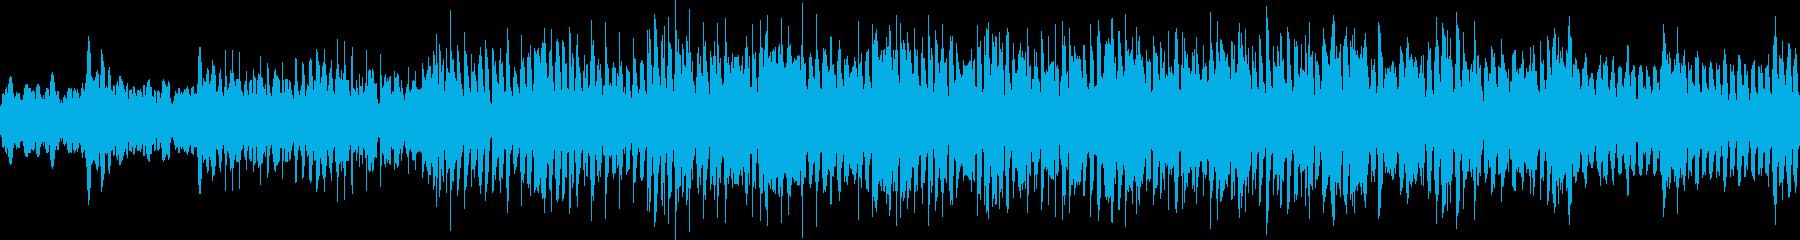 暗いループ仕様の楽曲の再生済みの波形